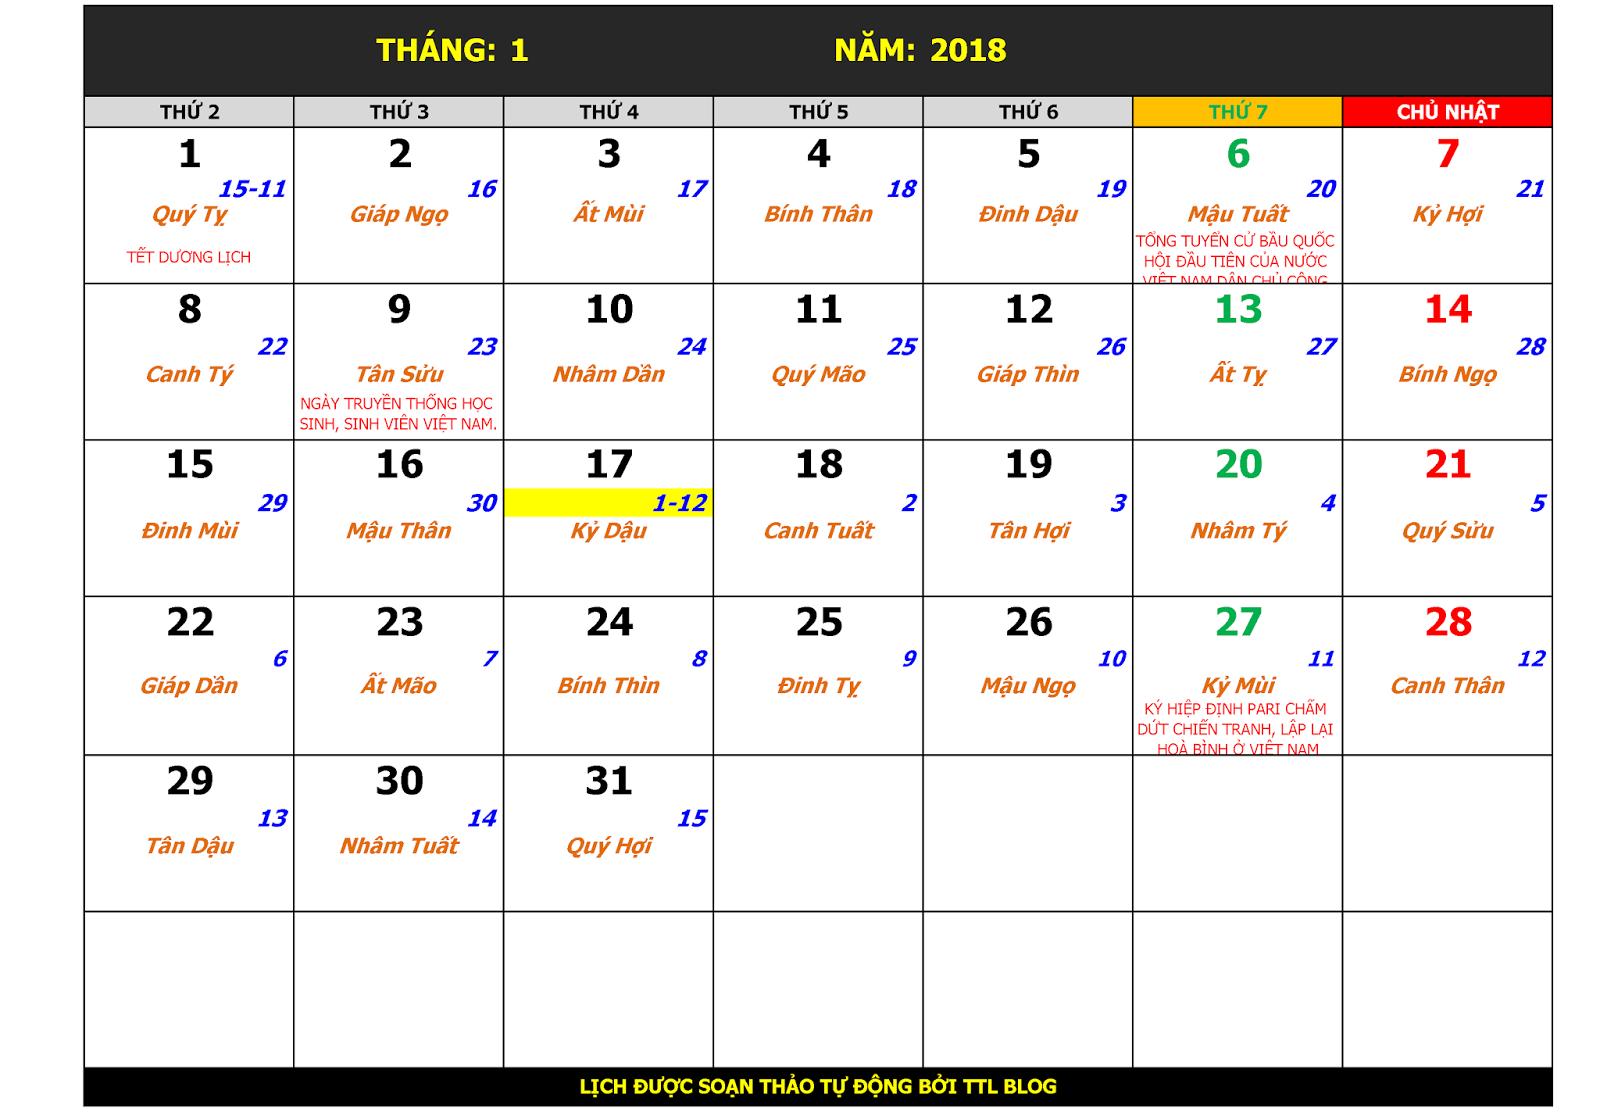 Lịch vạn sự tháng 1 năm 2018